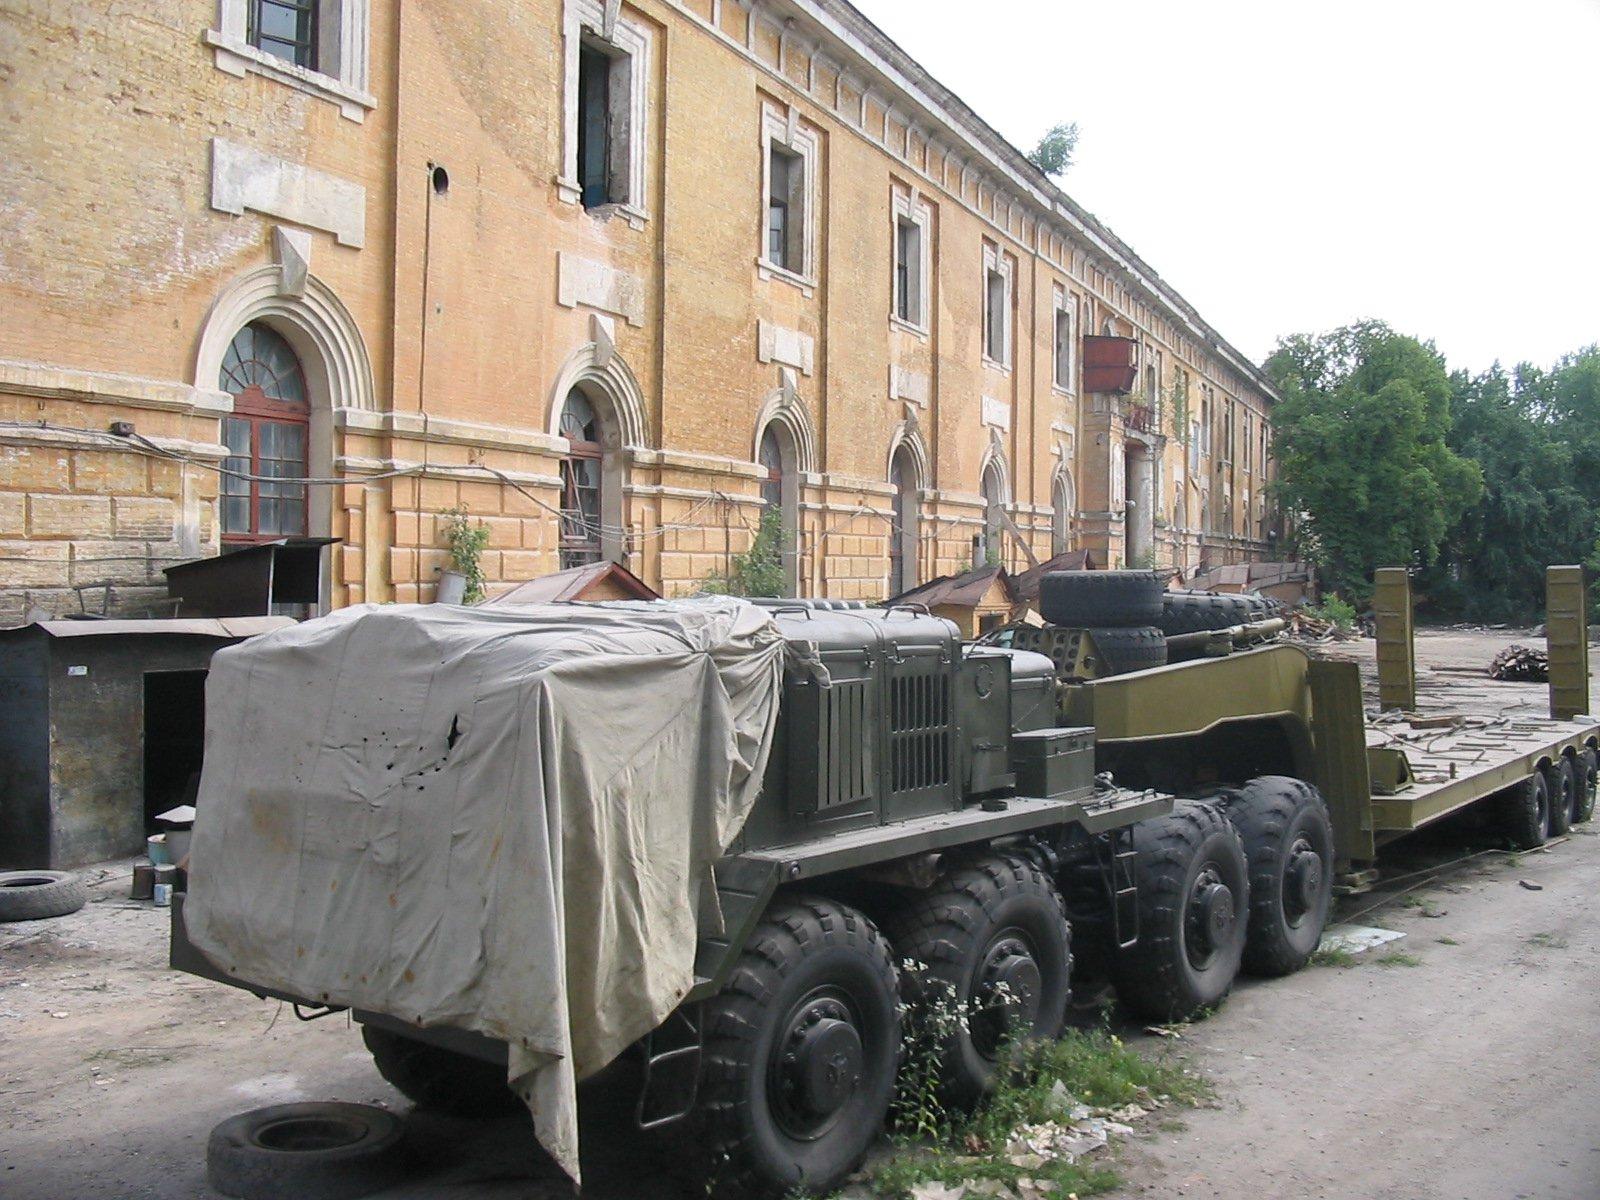 Так виглядав задній двір сьогоднішнього Мистецького арсеналу у 2005 році, під час демонтажу військового обладнання